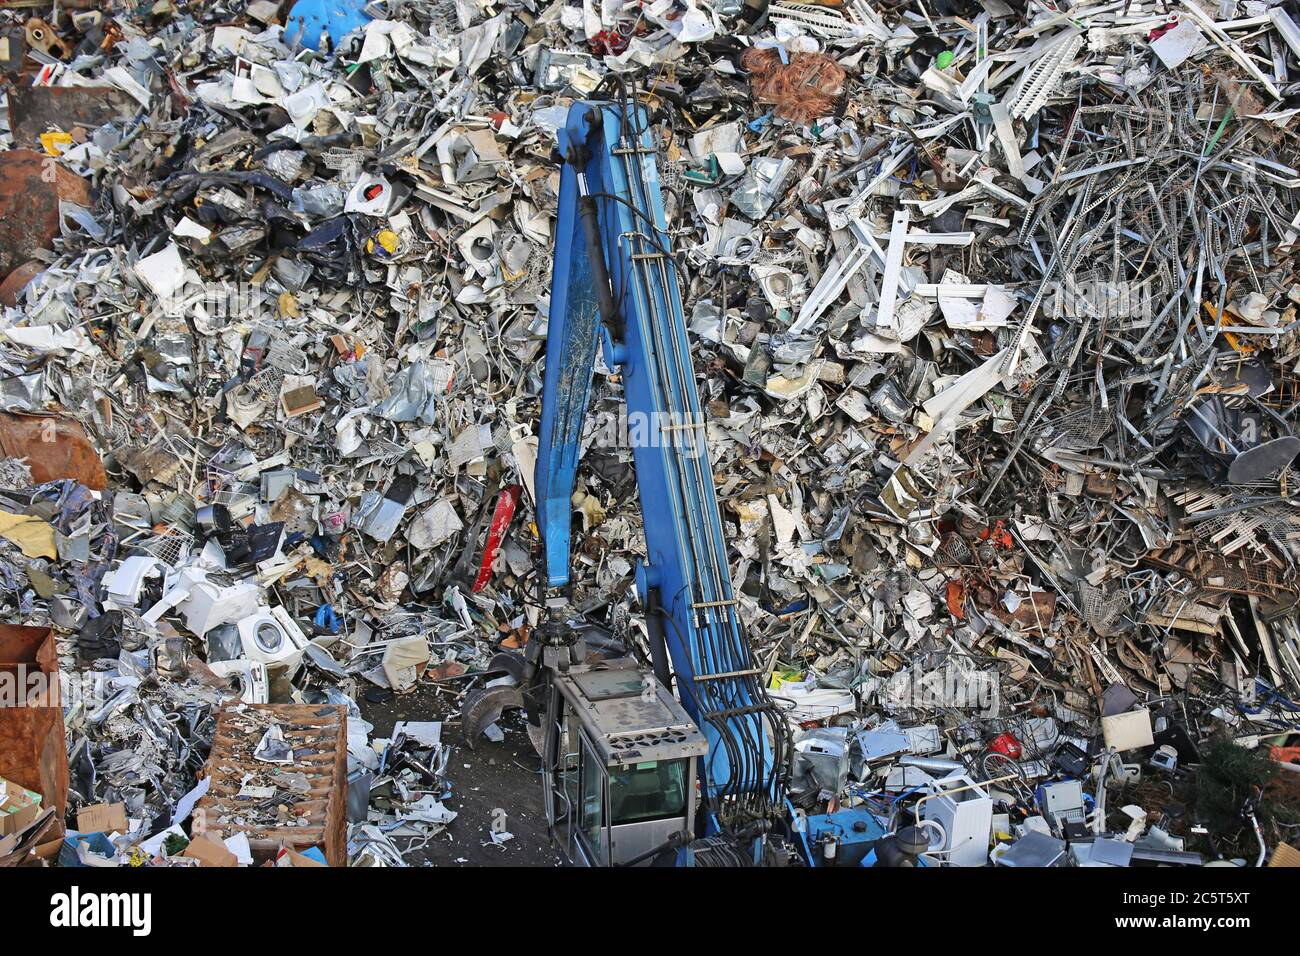 Symbolhaftes Bild von einem Schrottplatz (Mannheim) Stock Photo